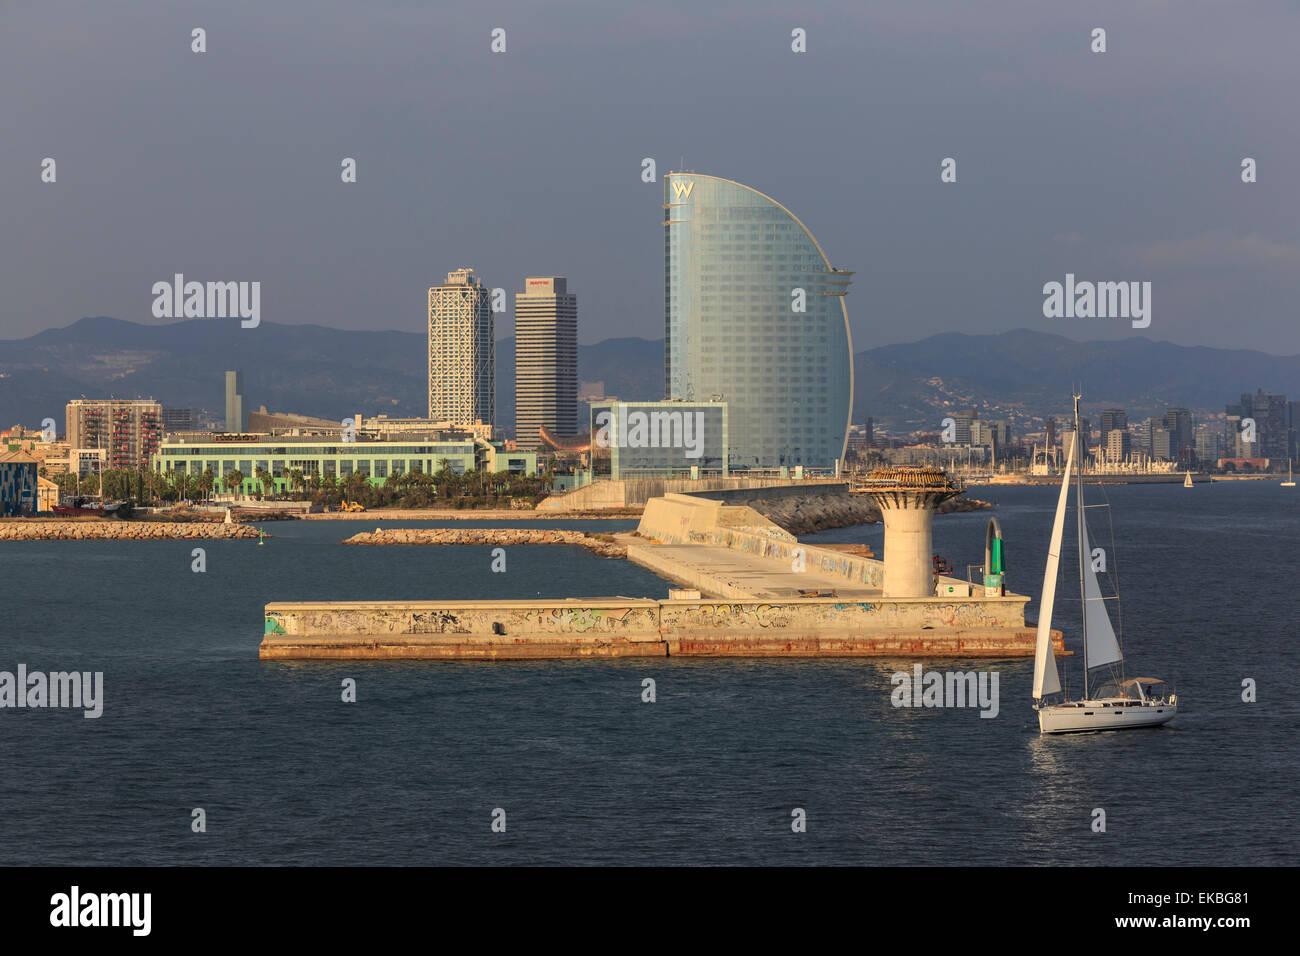 Location de voiles passé La Barceloneta et du front de mer, Port Olimpic à distance, la fin de l'après Photo Stock